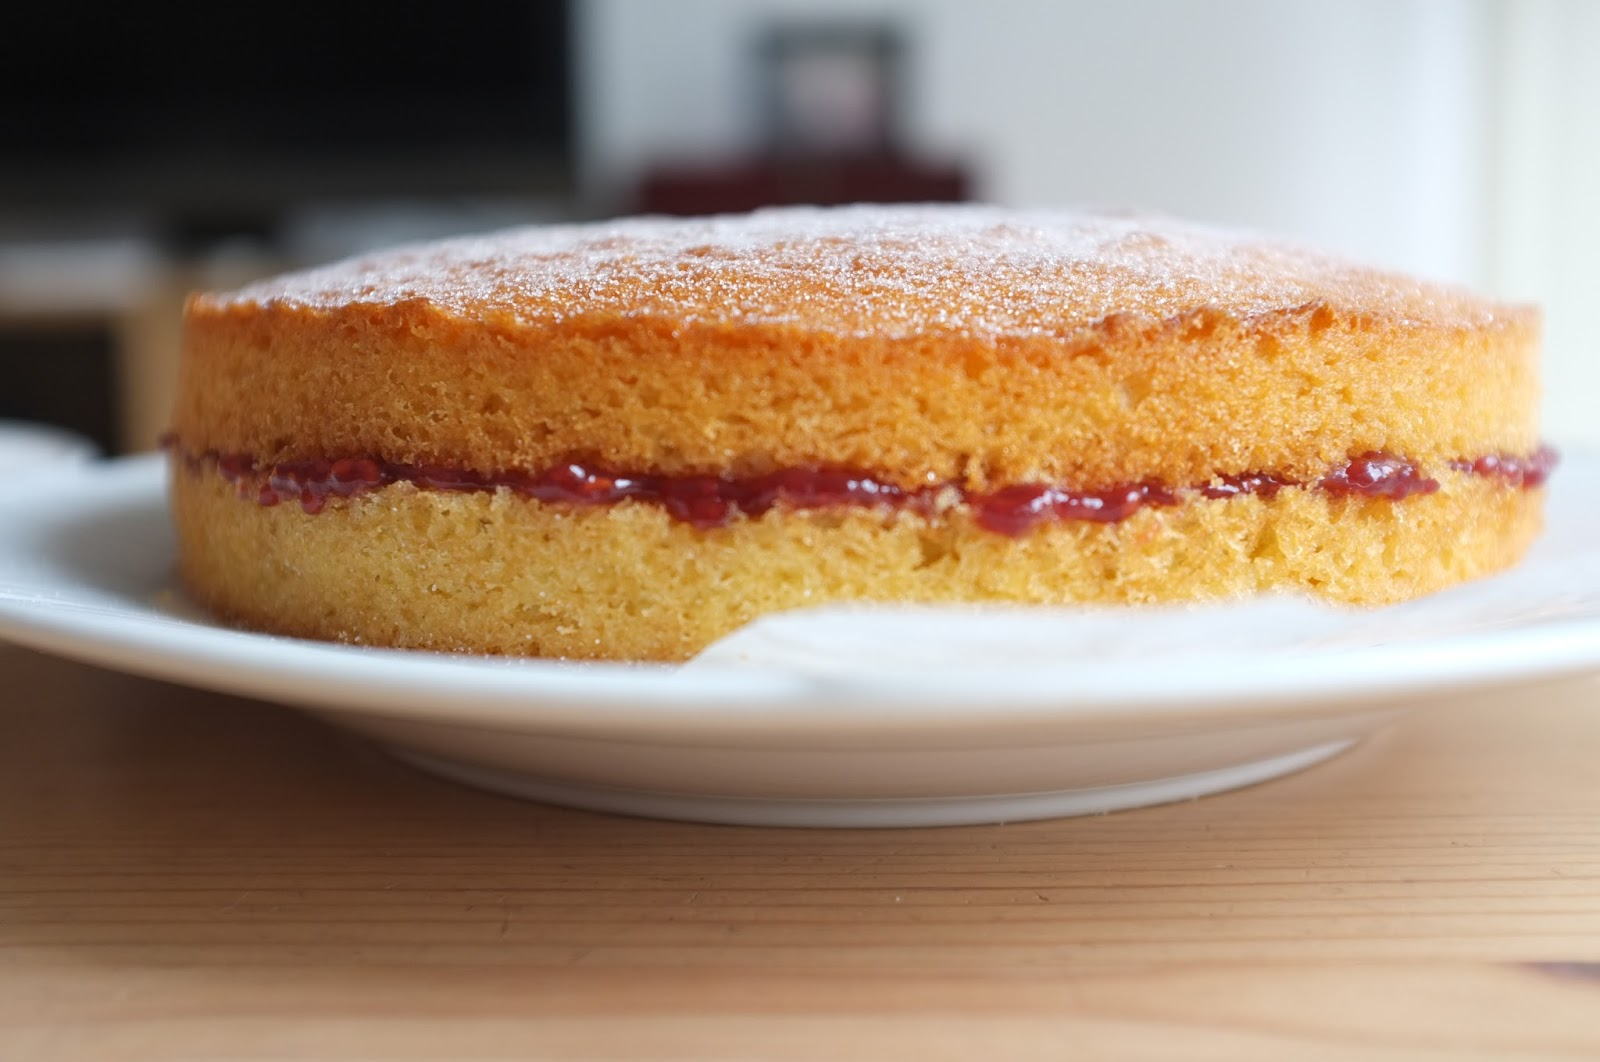 Sponge Cake Creaming Method